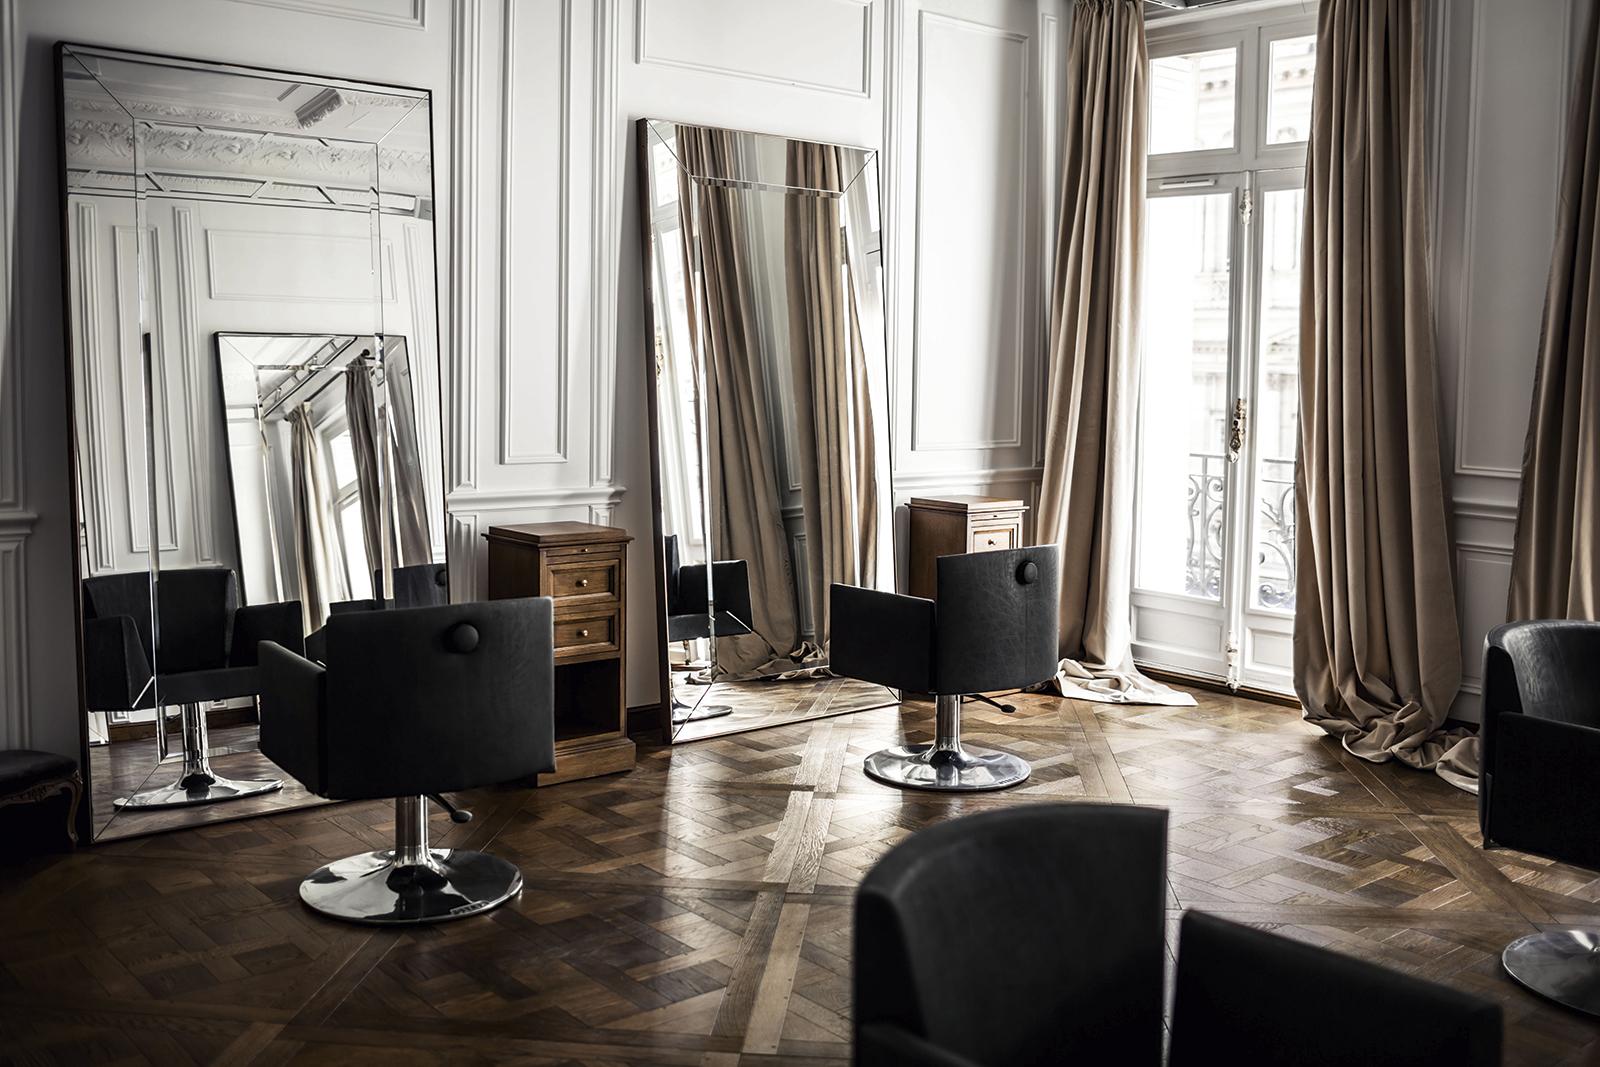 Les appartements-boutiques, le shopping mis en demeure – Infrarouge